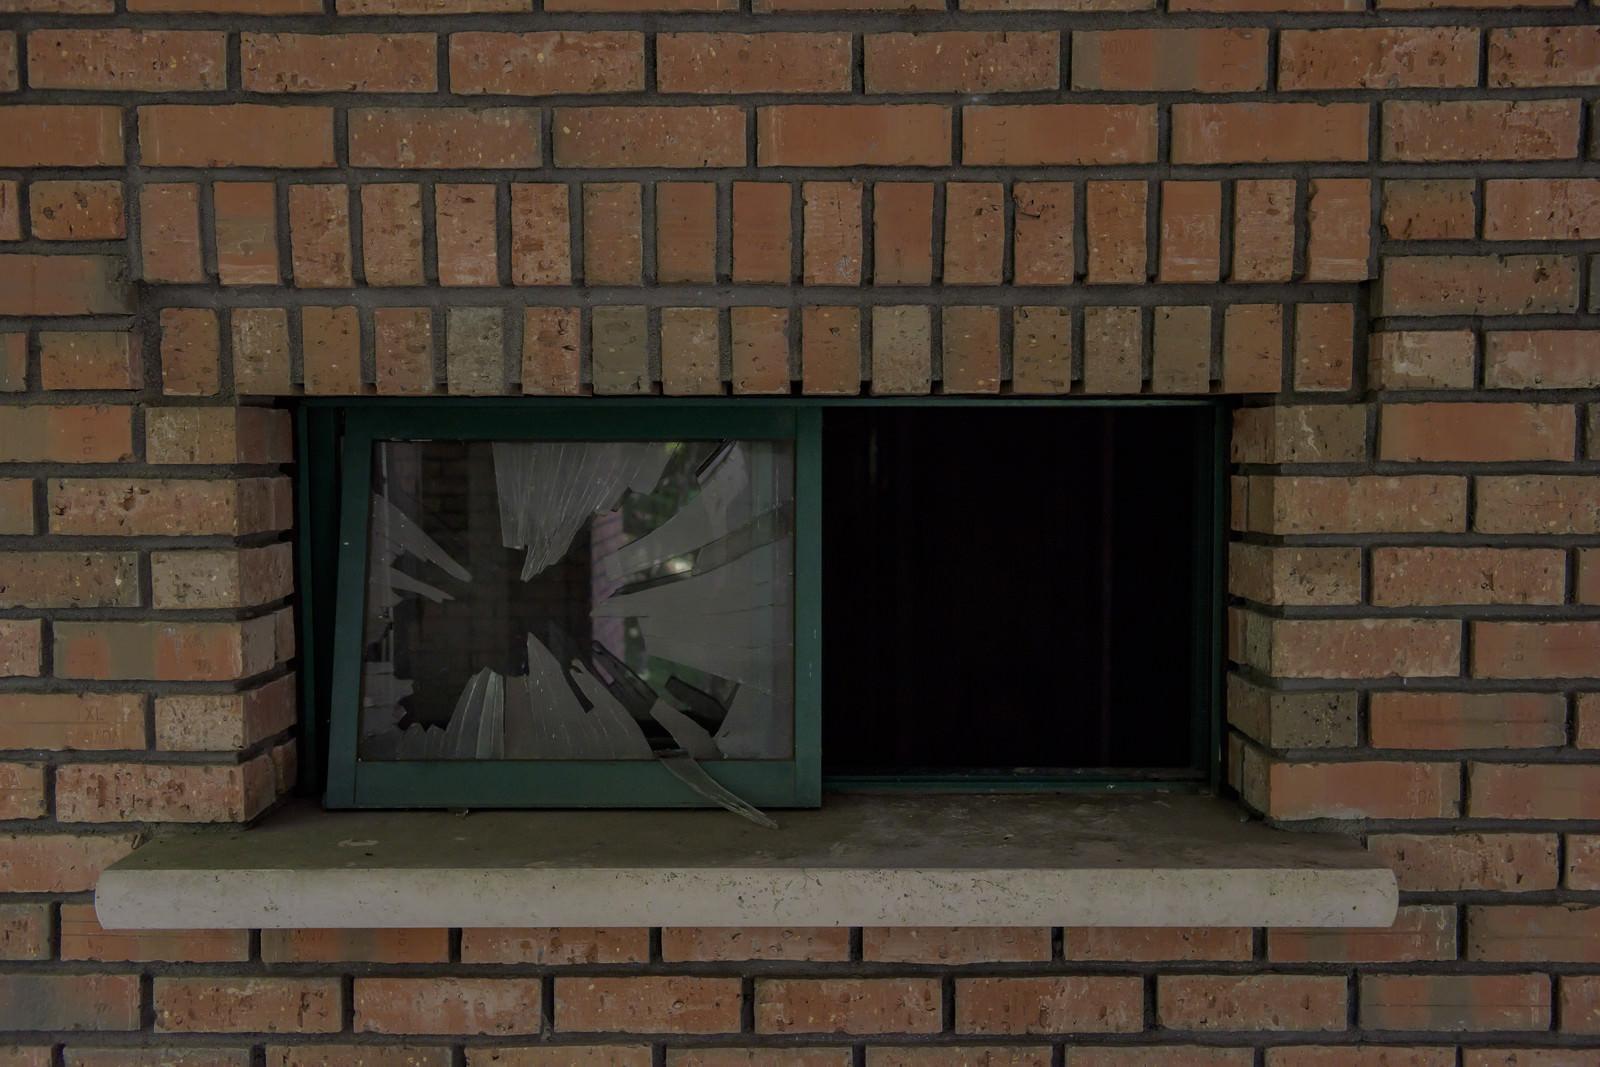 「レンガと割れたガラス窓レンガと割れたガラス窓」のフリー写真素材を拡大